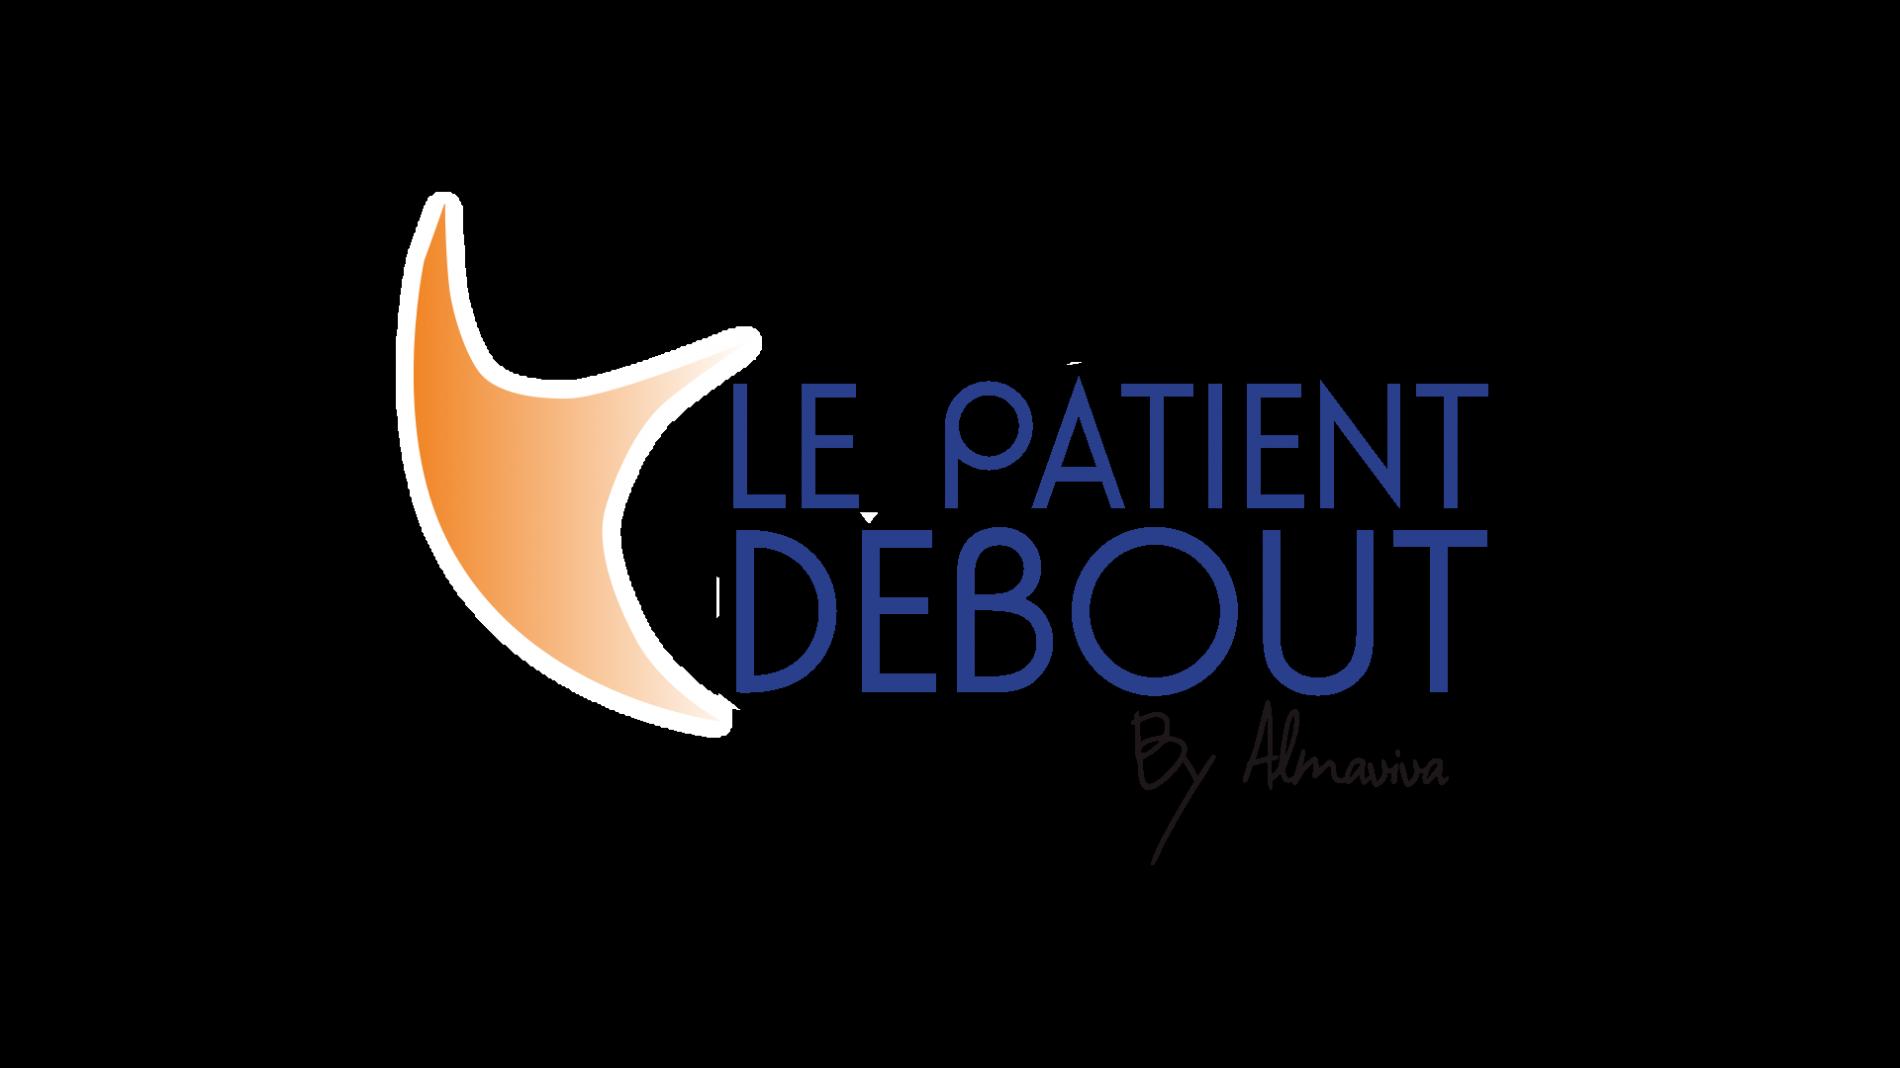 Vidéo sur le patient de bout